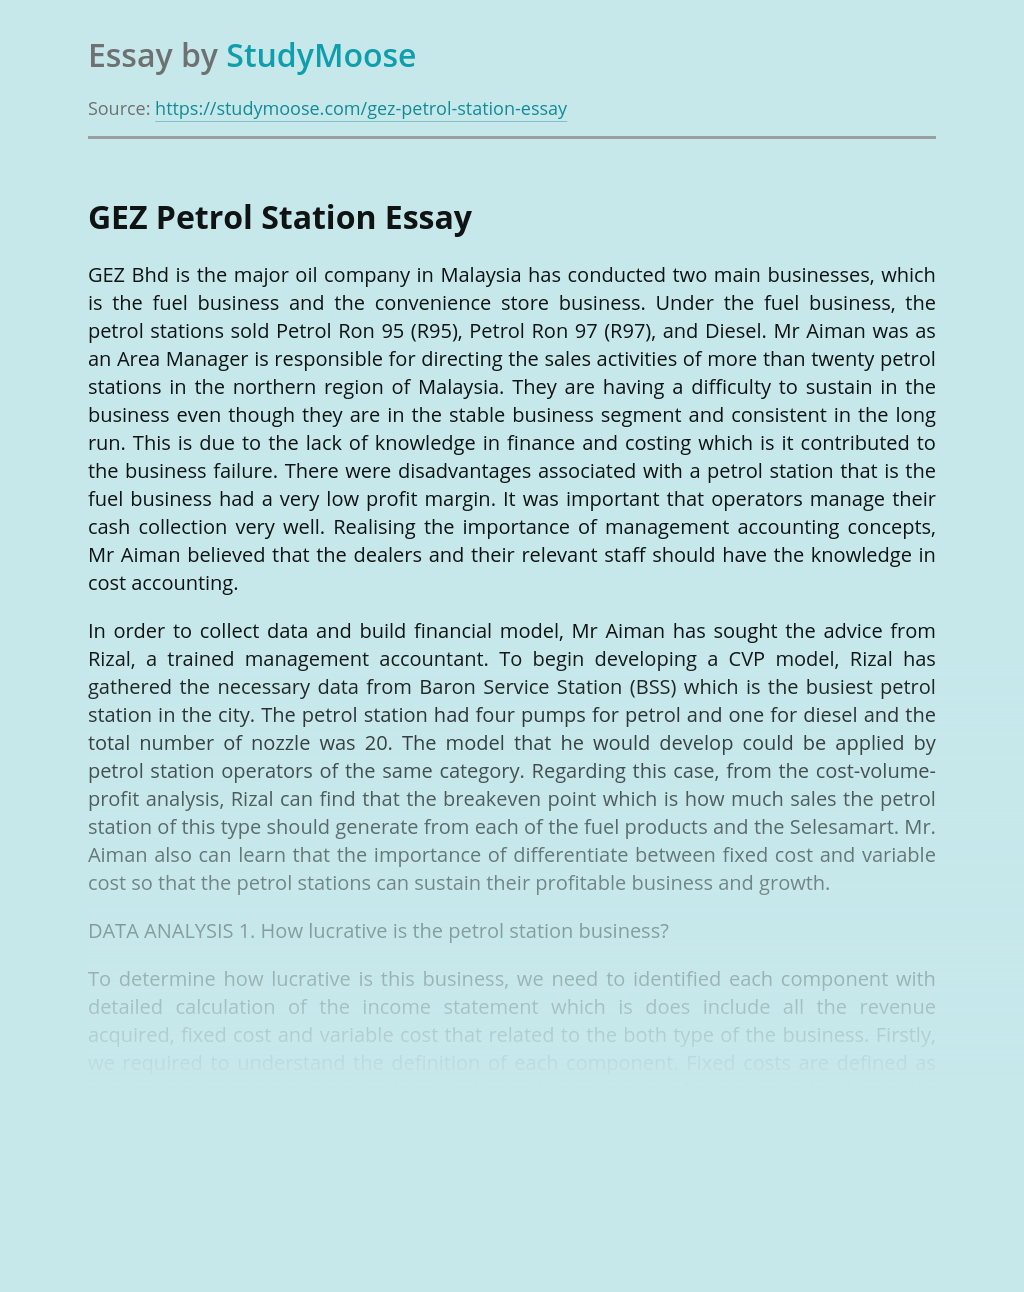 GEZ Petrol Station